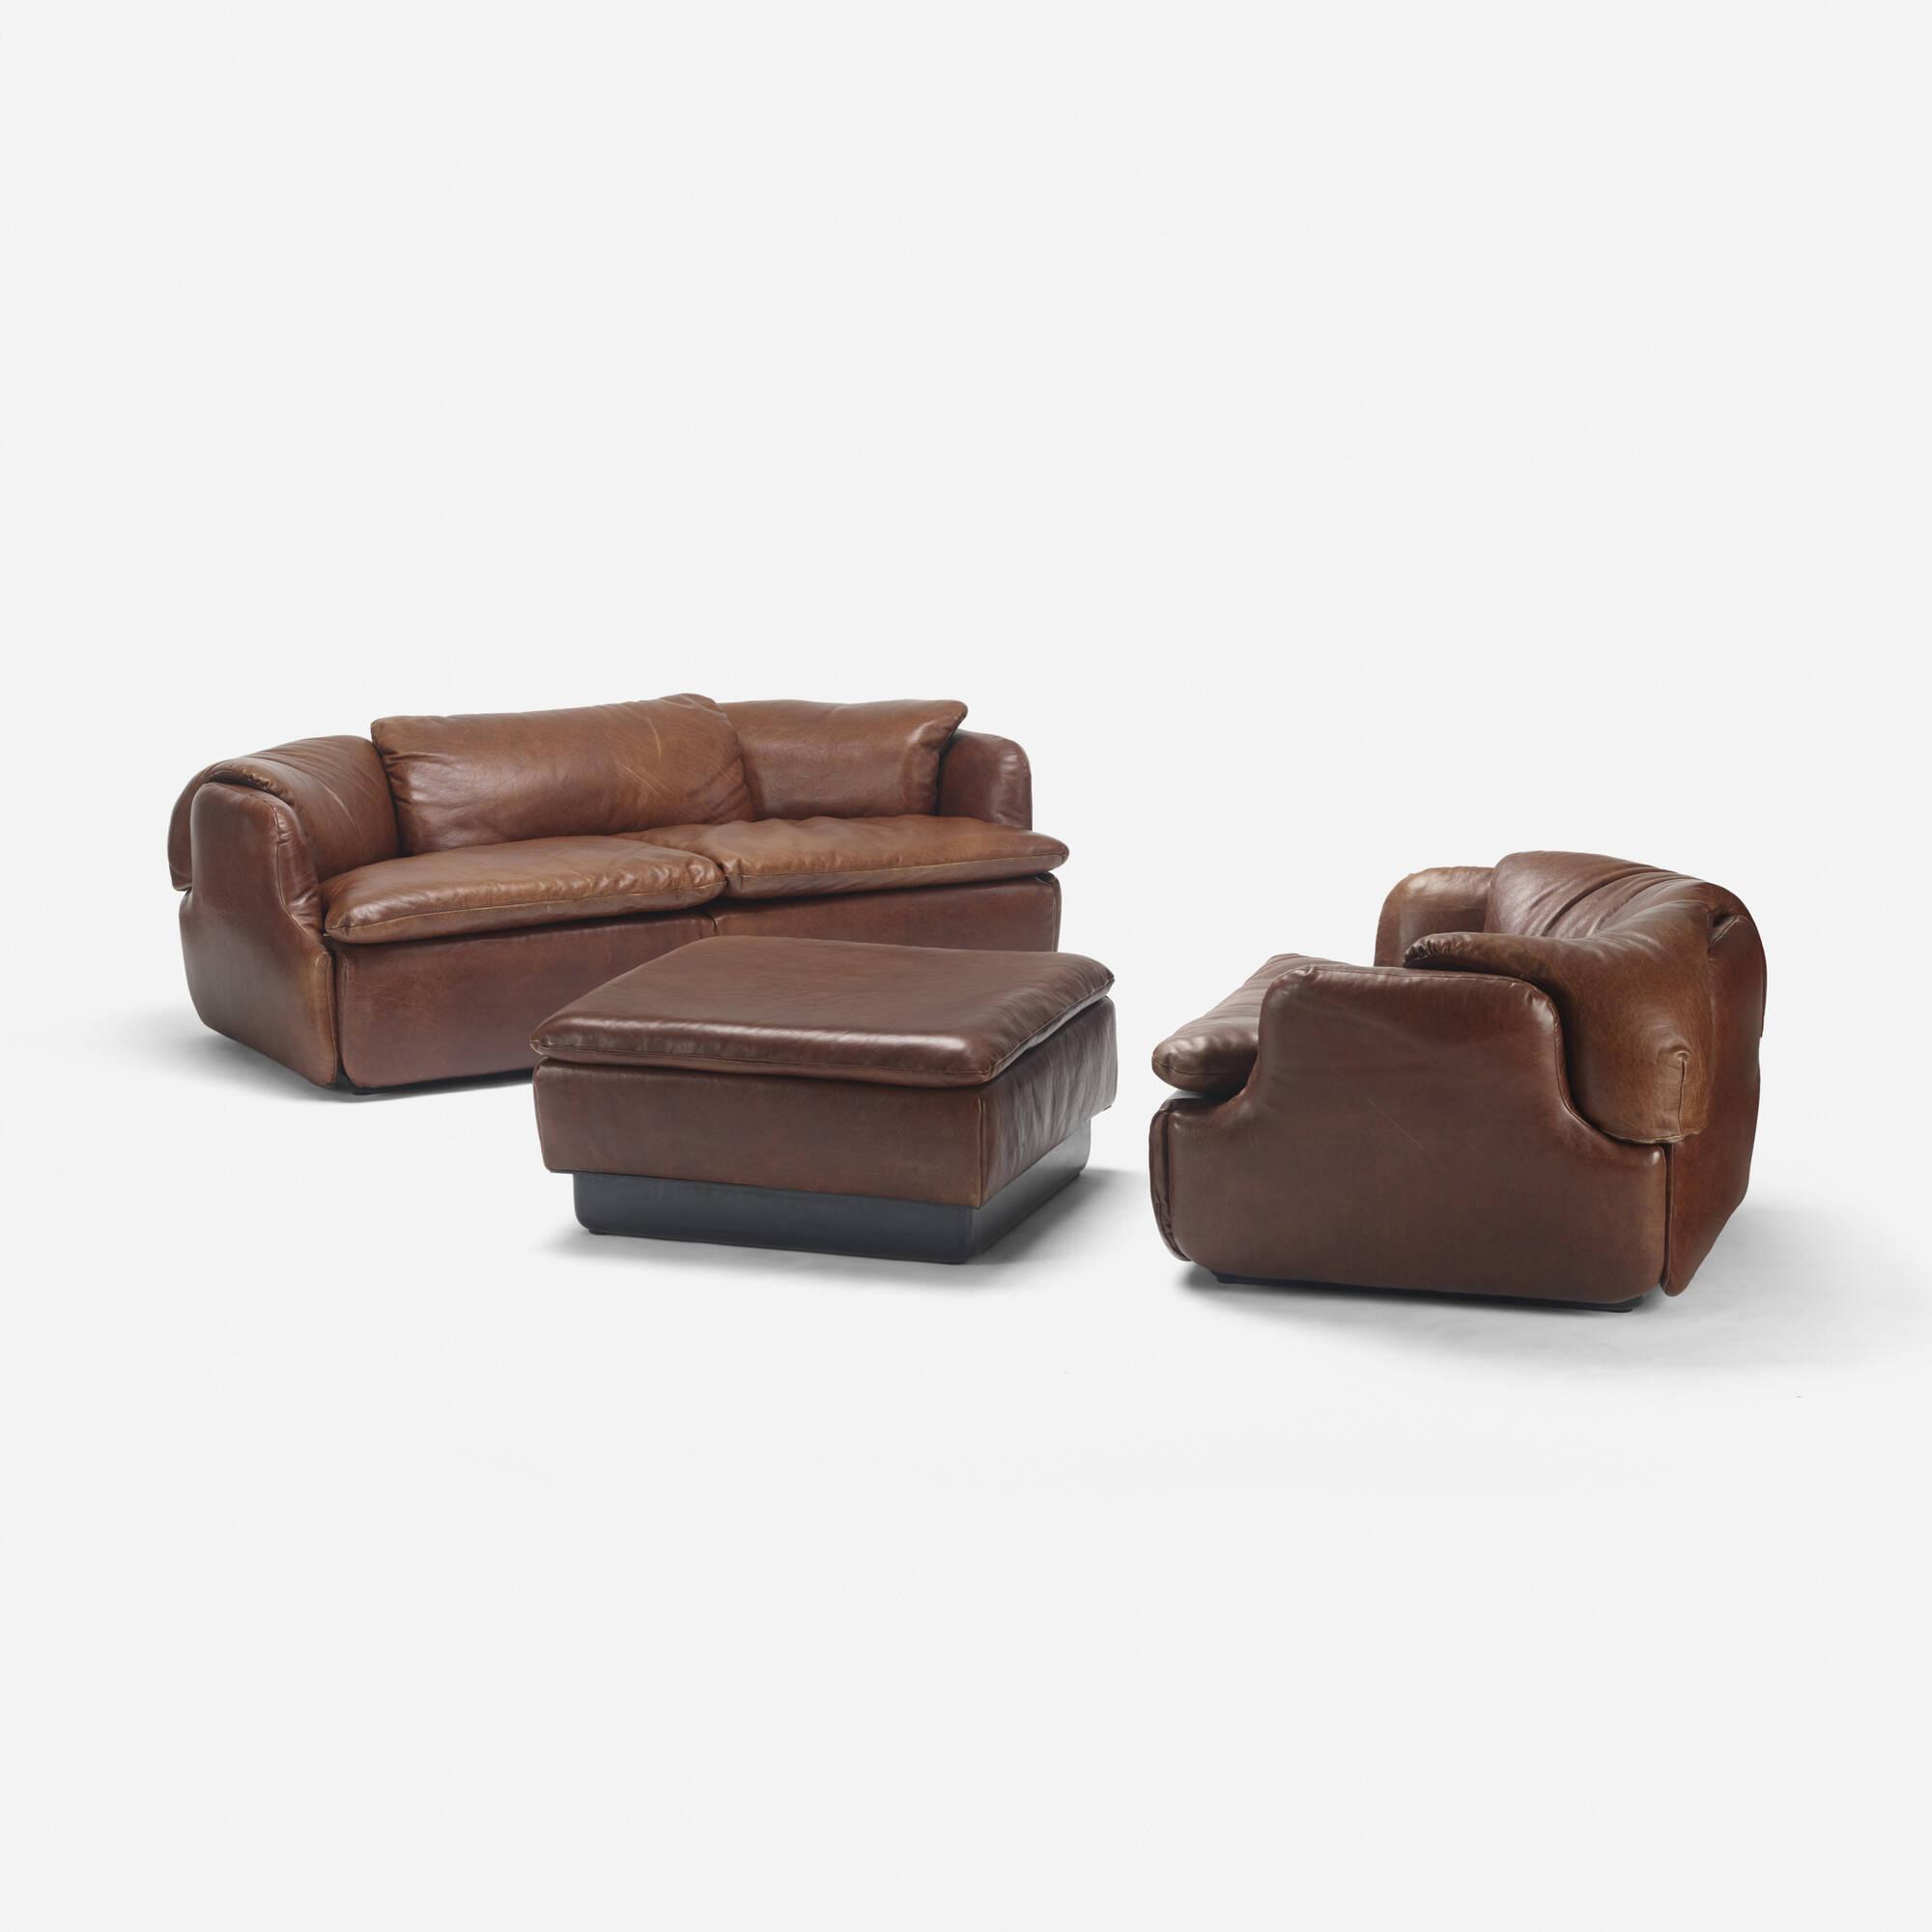 332: Alberto Roselli / Confidential seating suite (1 of 2)